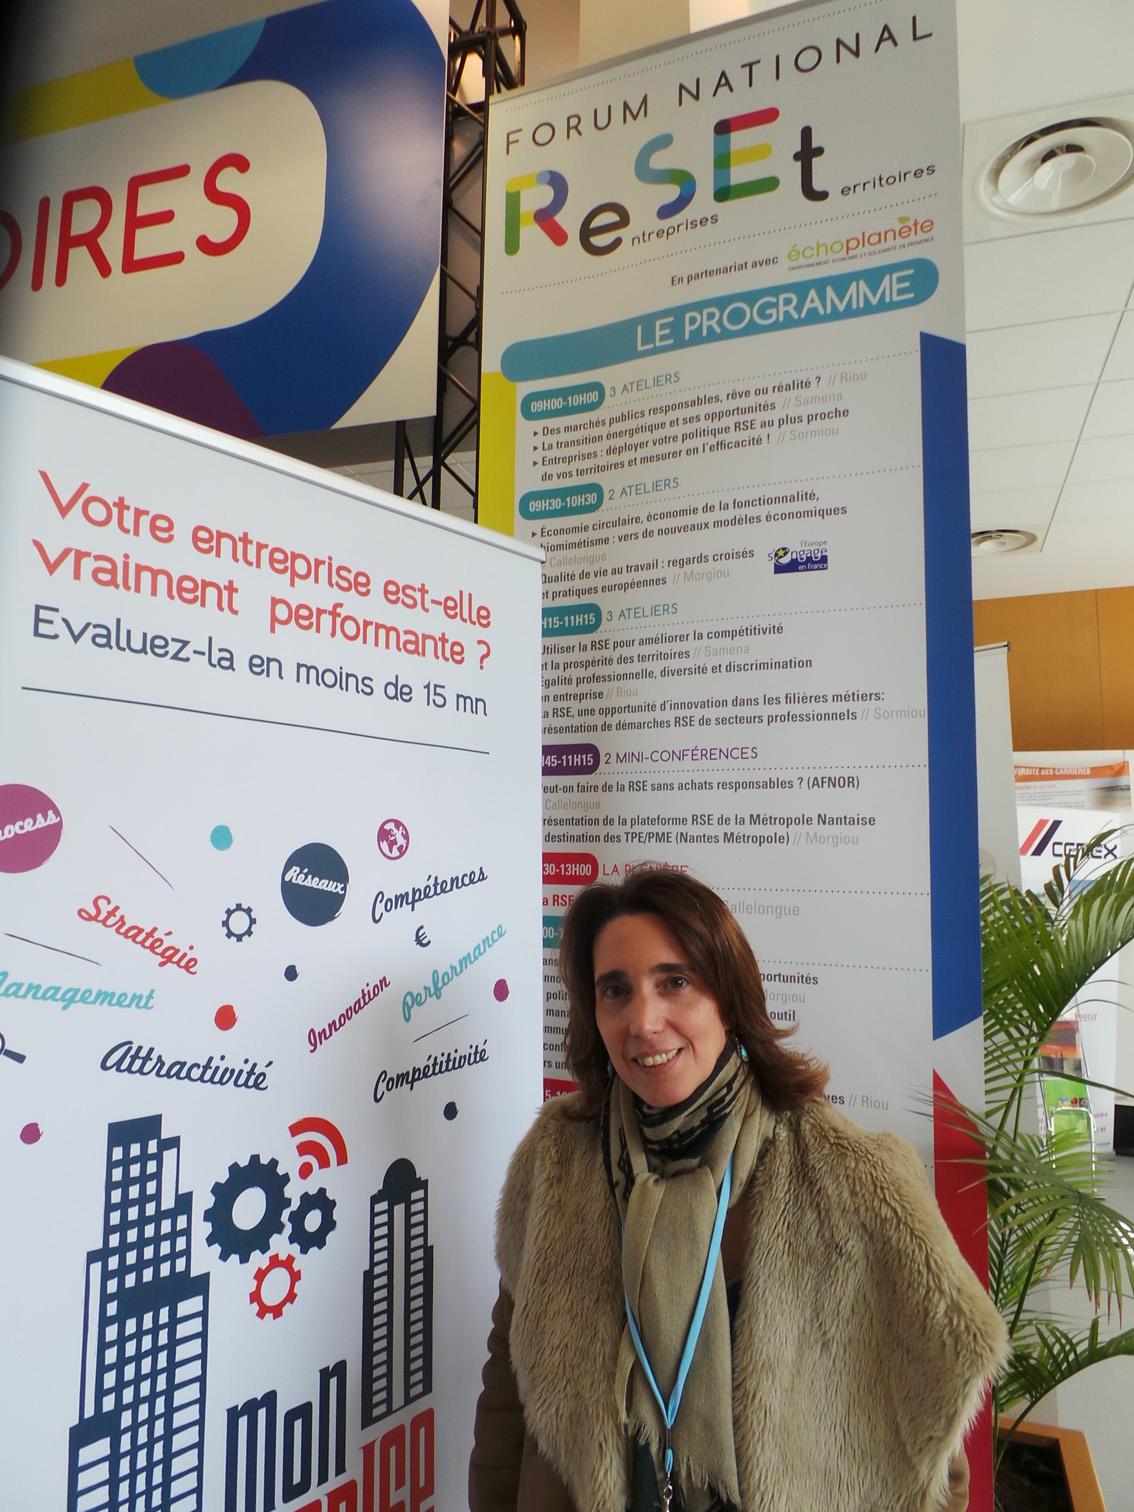 2015 Sophie 2 Forum national RSE 12 fev